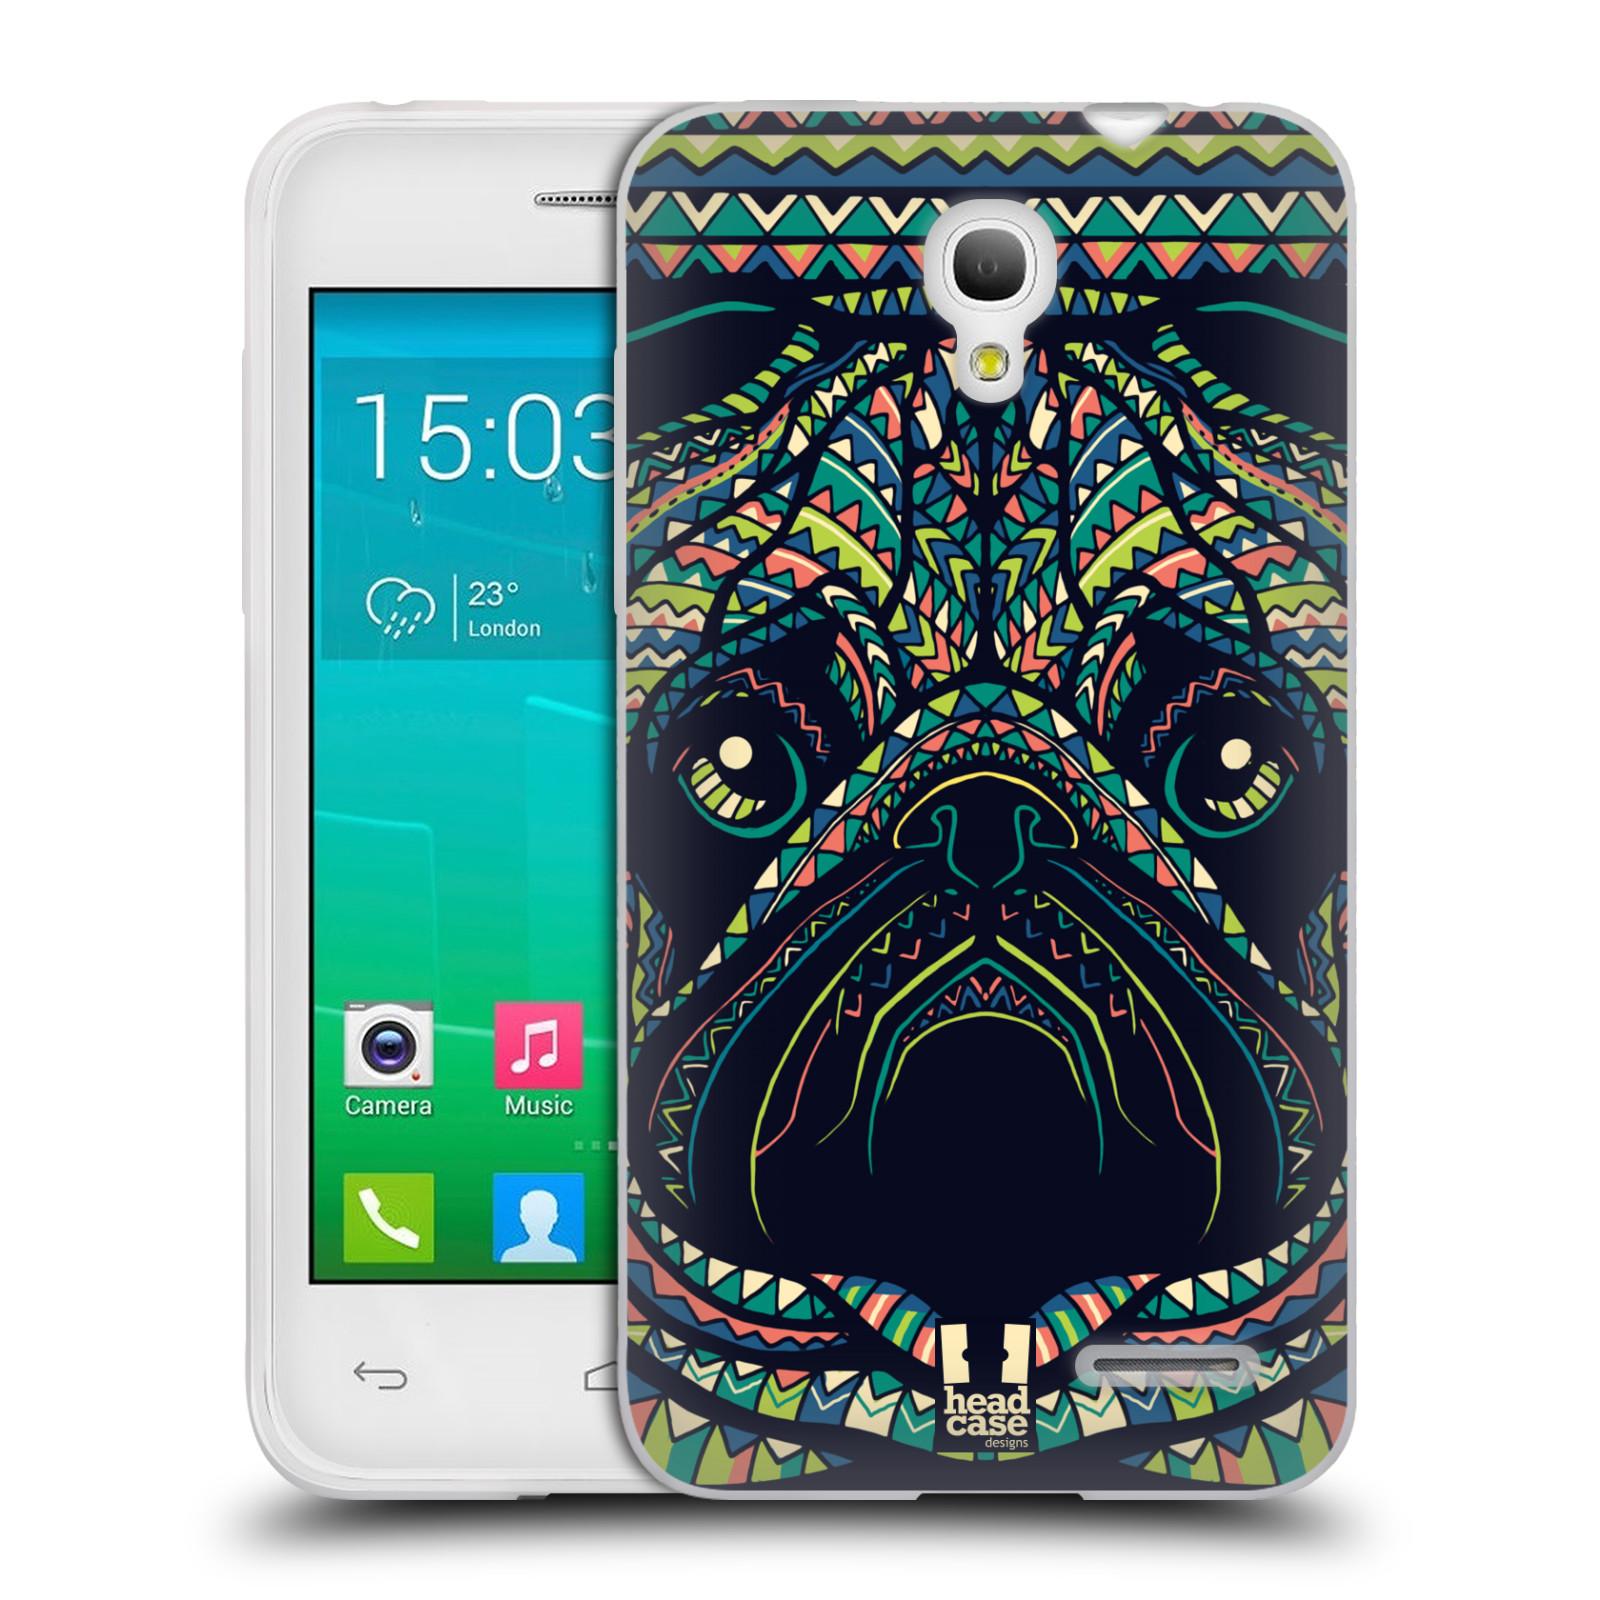 HEAD CASE silikonový obal na mobil Alcatel POP S3 OT-5050Y vzor Aztécký motiv zvíře 3 mopsík